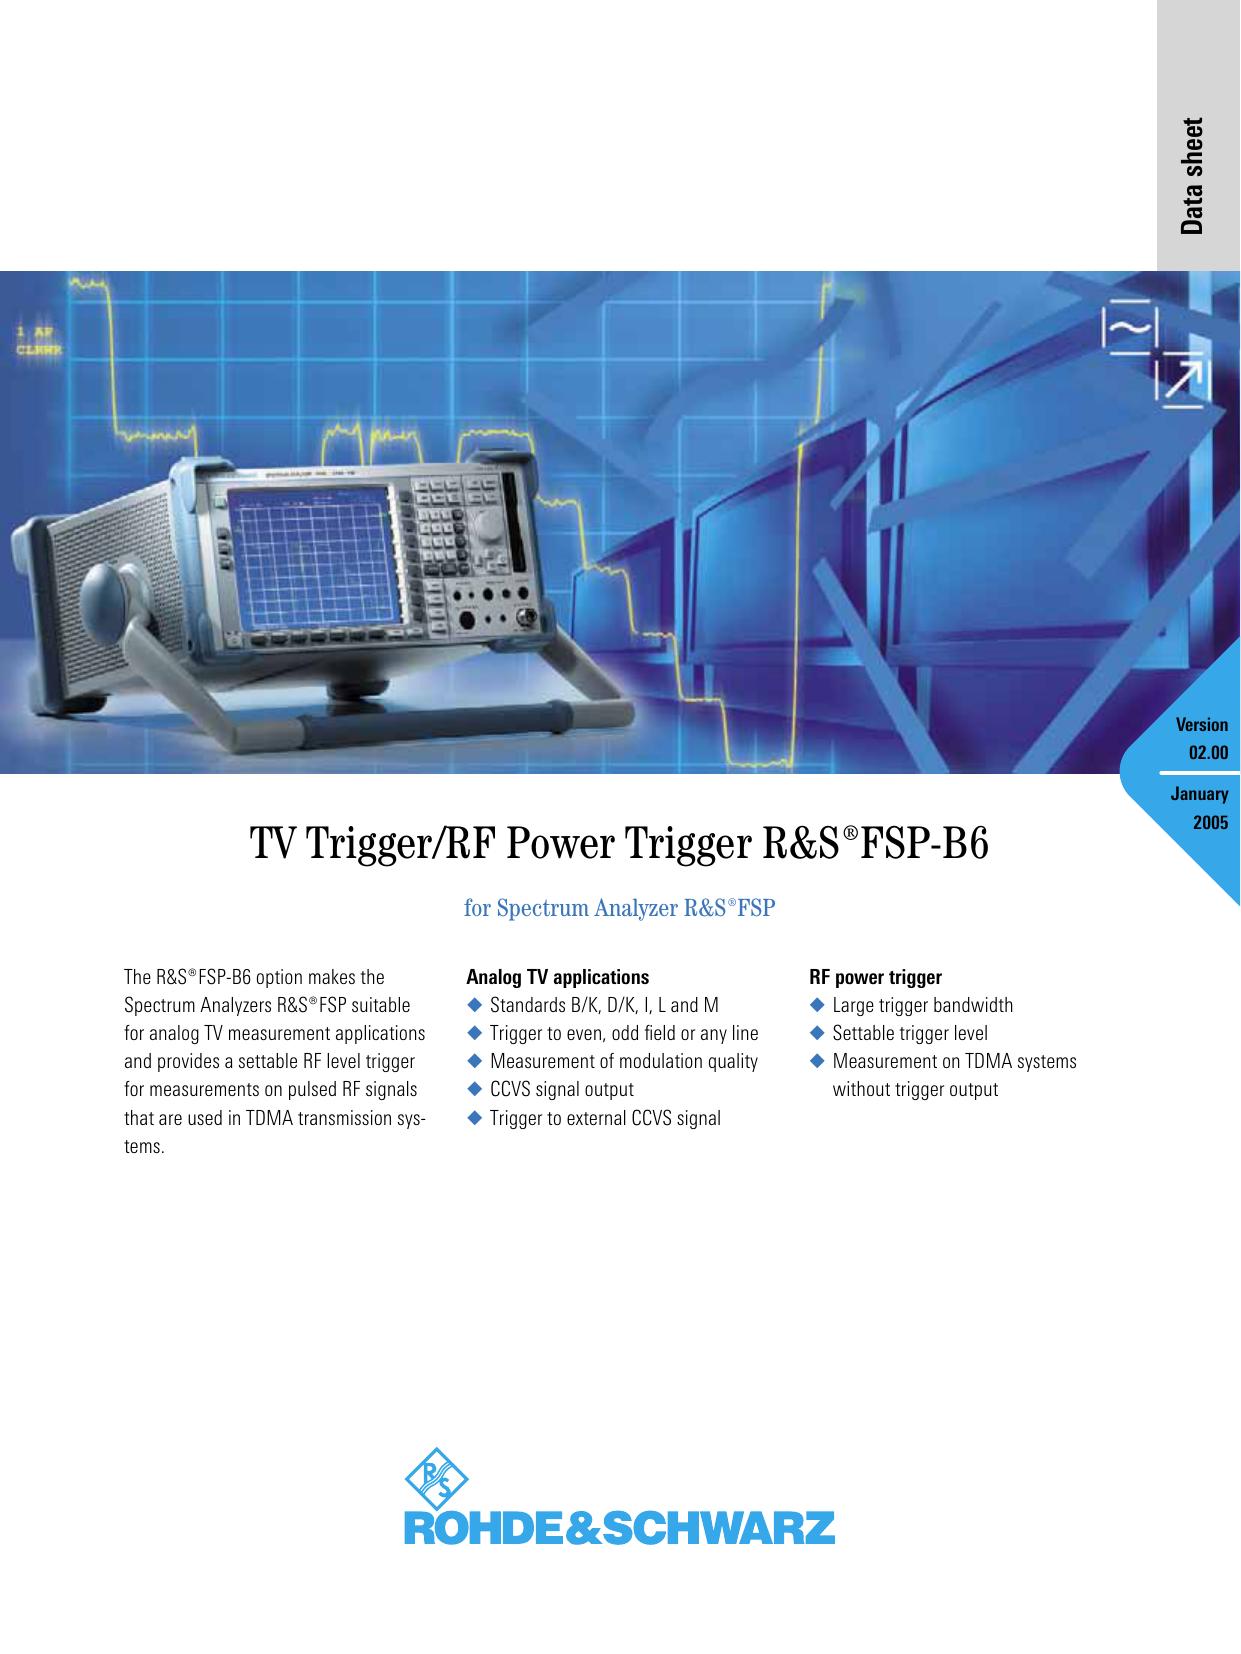 TV Trigger/RF Power Trigger ¸FSP-B6 | manualzz com